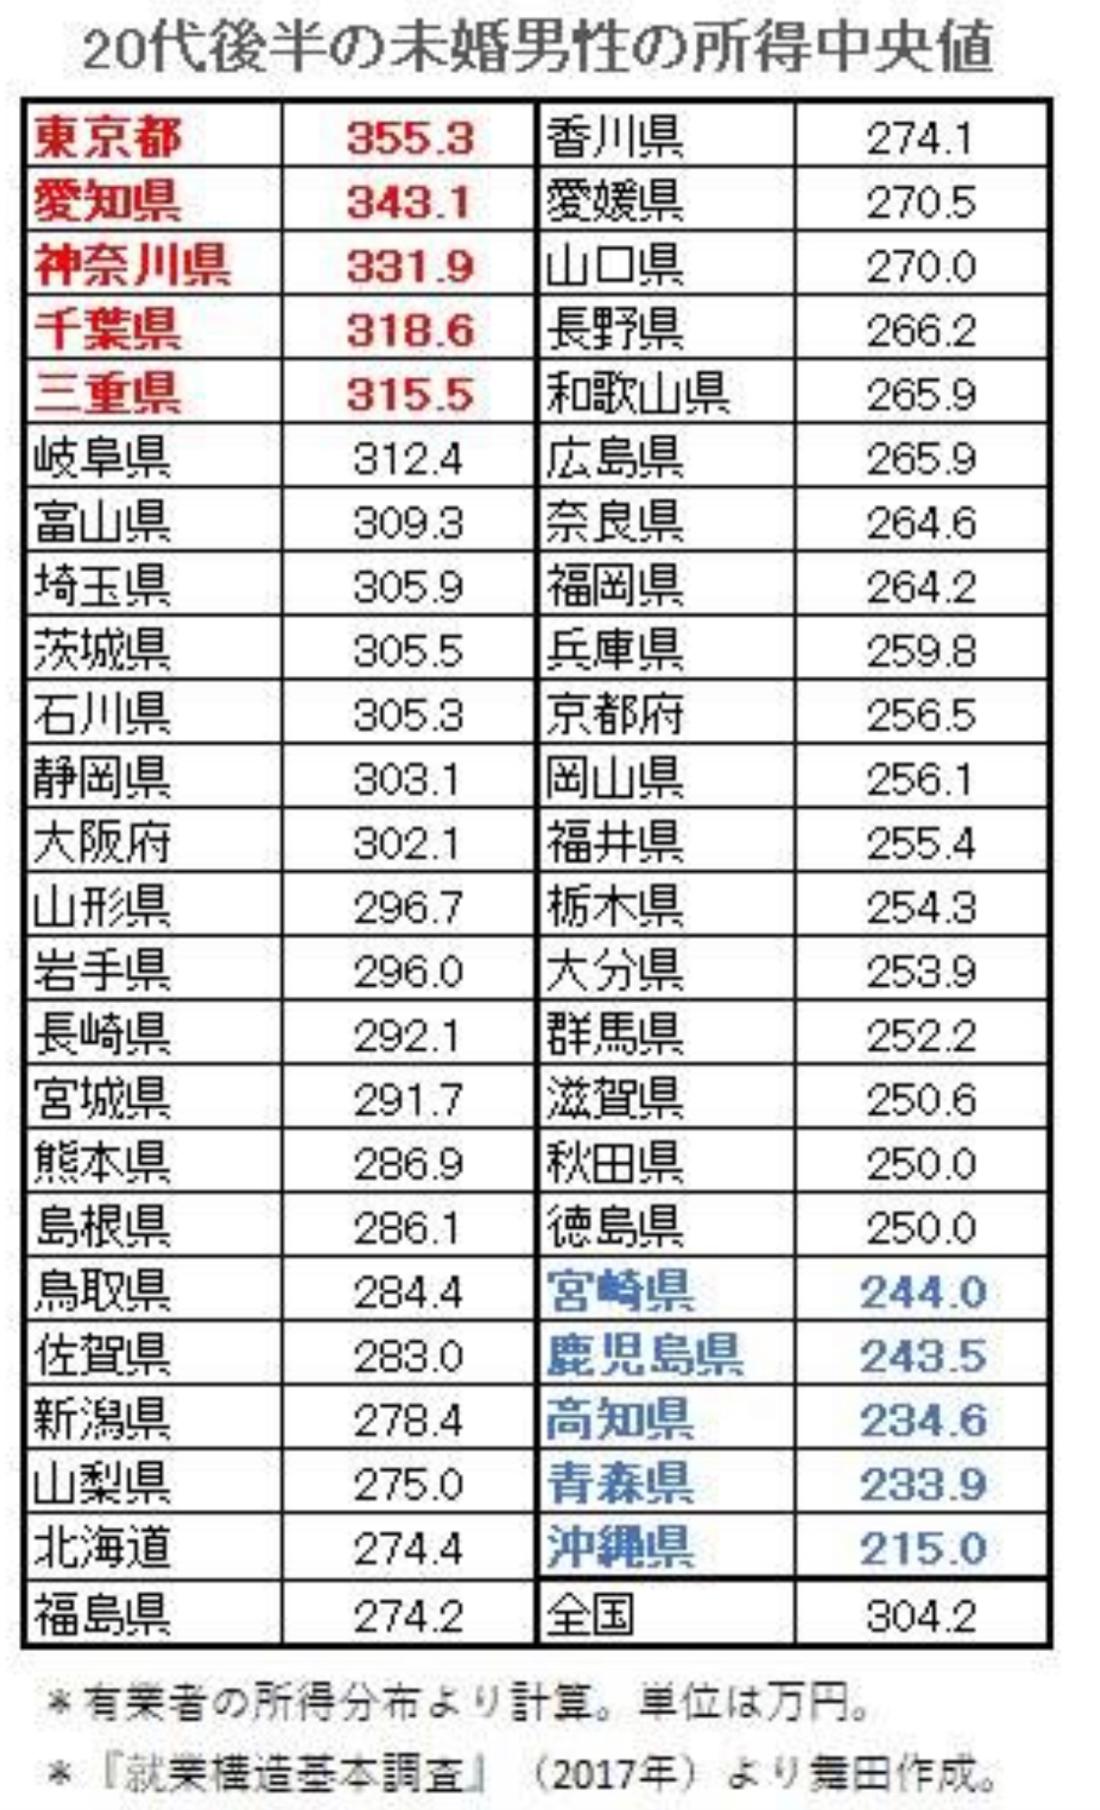 F01F4790-0DC3-4AF5-B3B0-ECB7DB6FC0A6